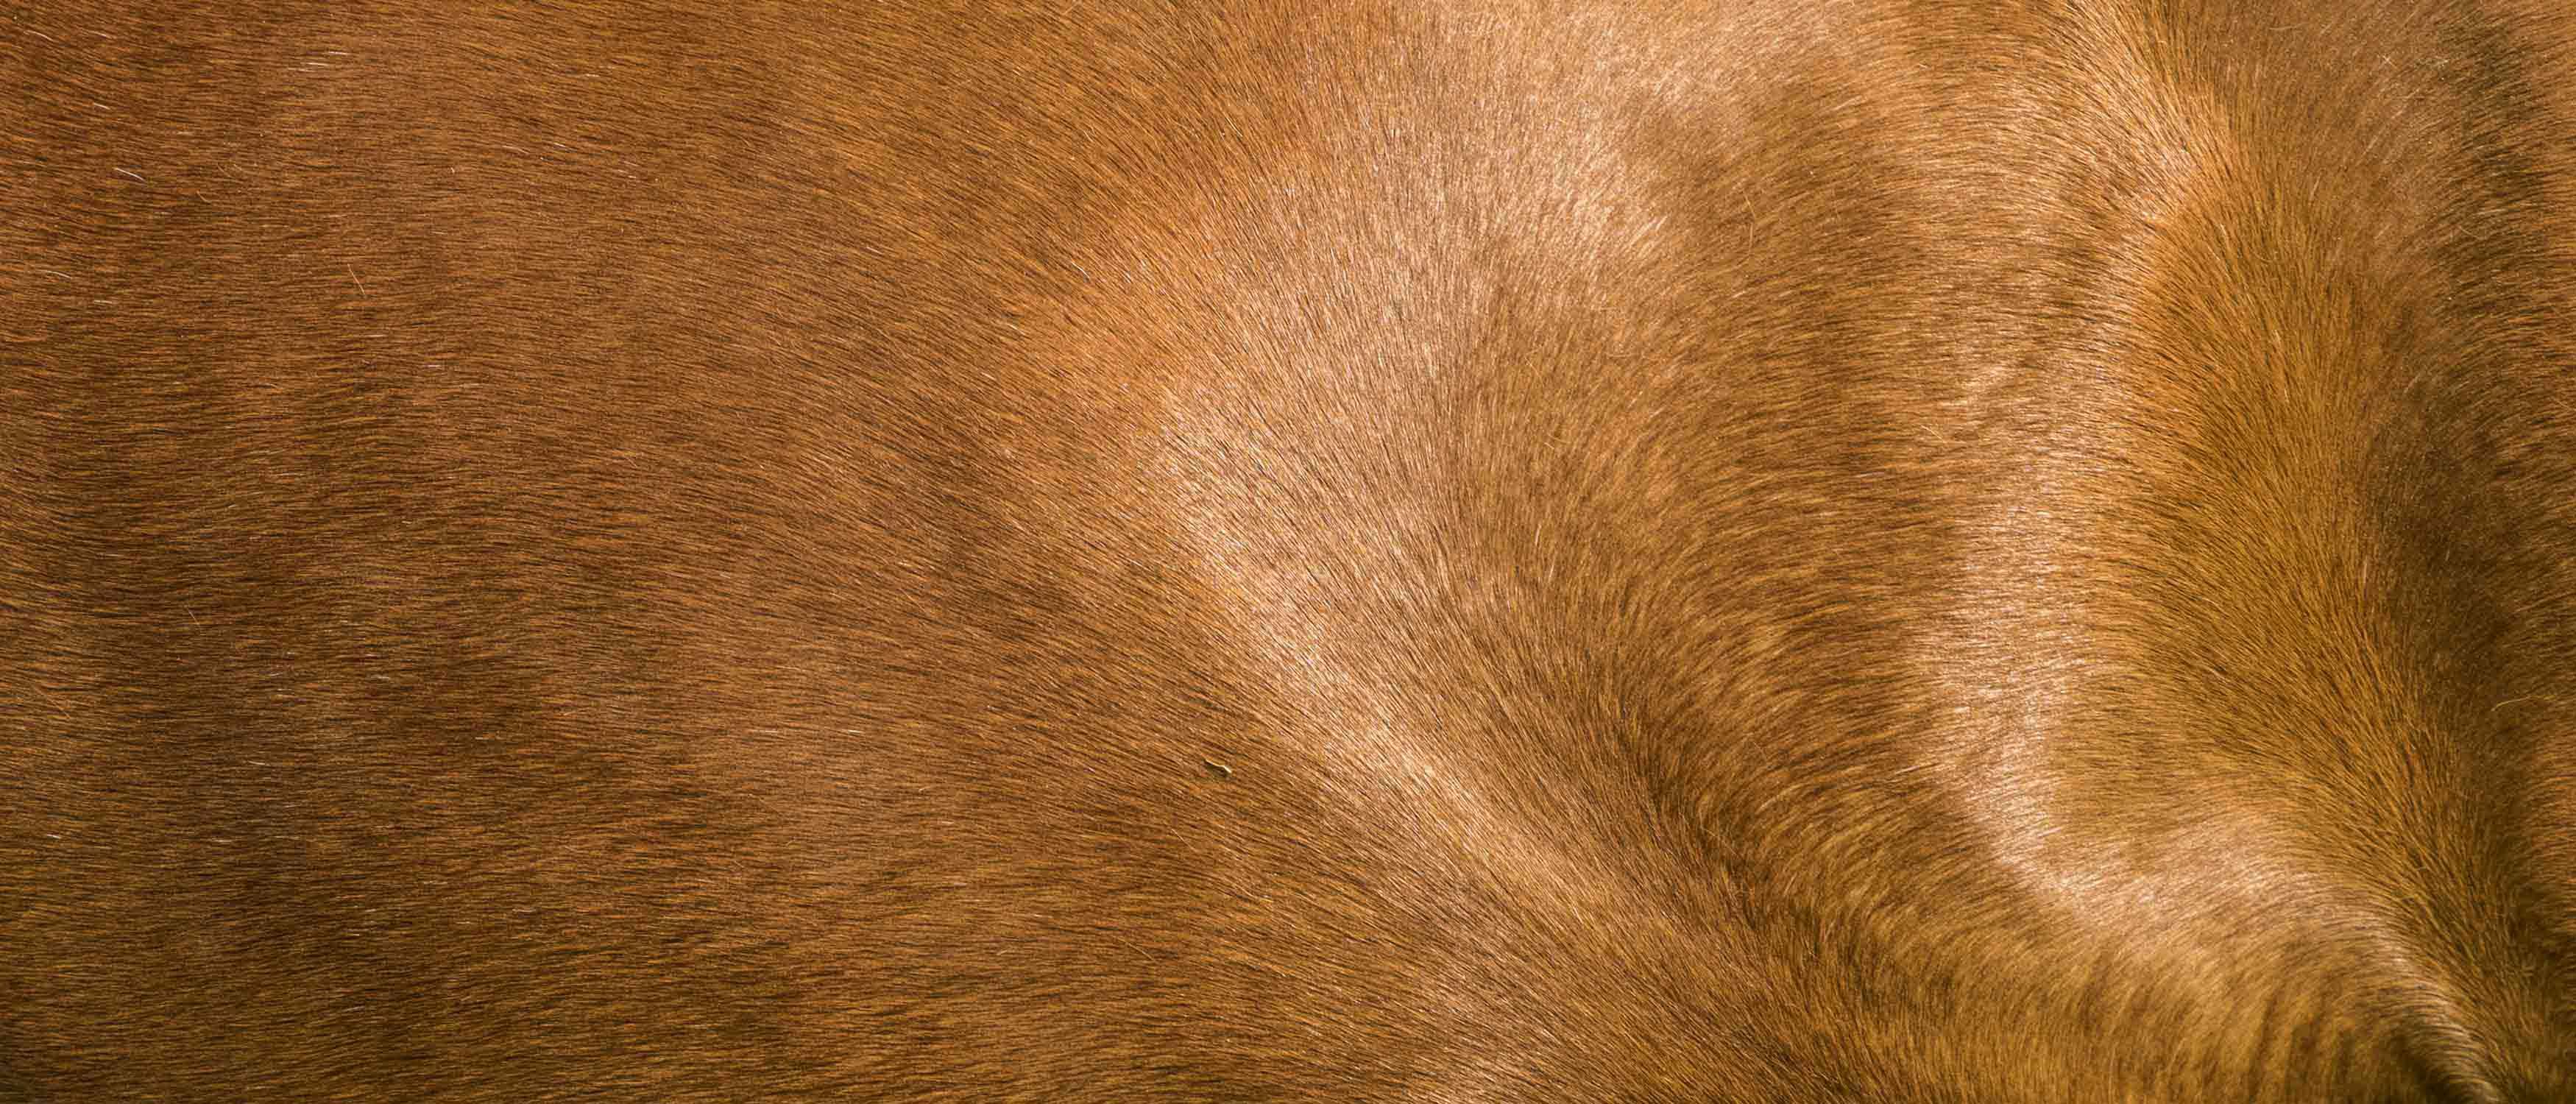 Biosicherheit in Pferdeställen – lästig, aber notwendig